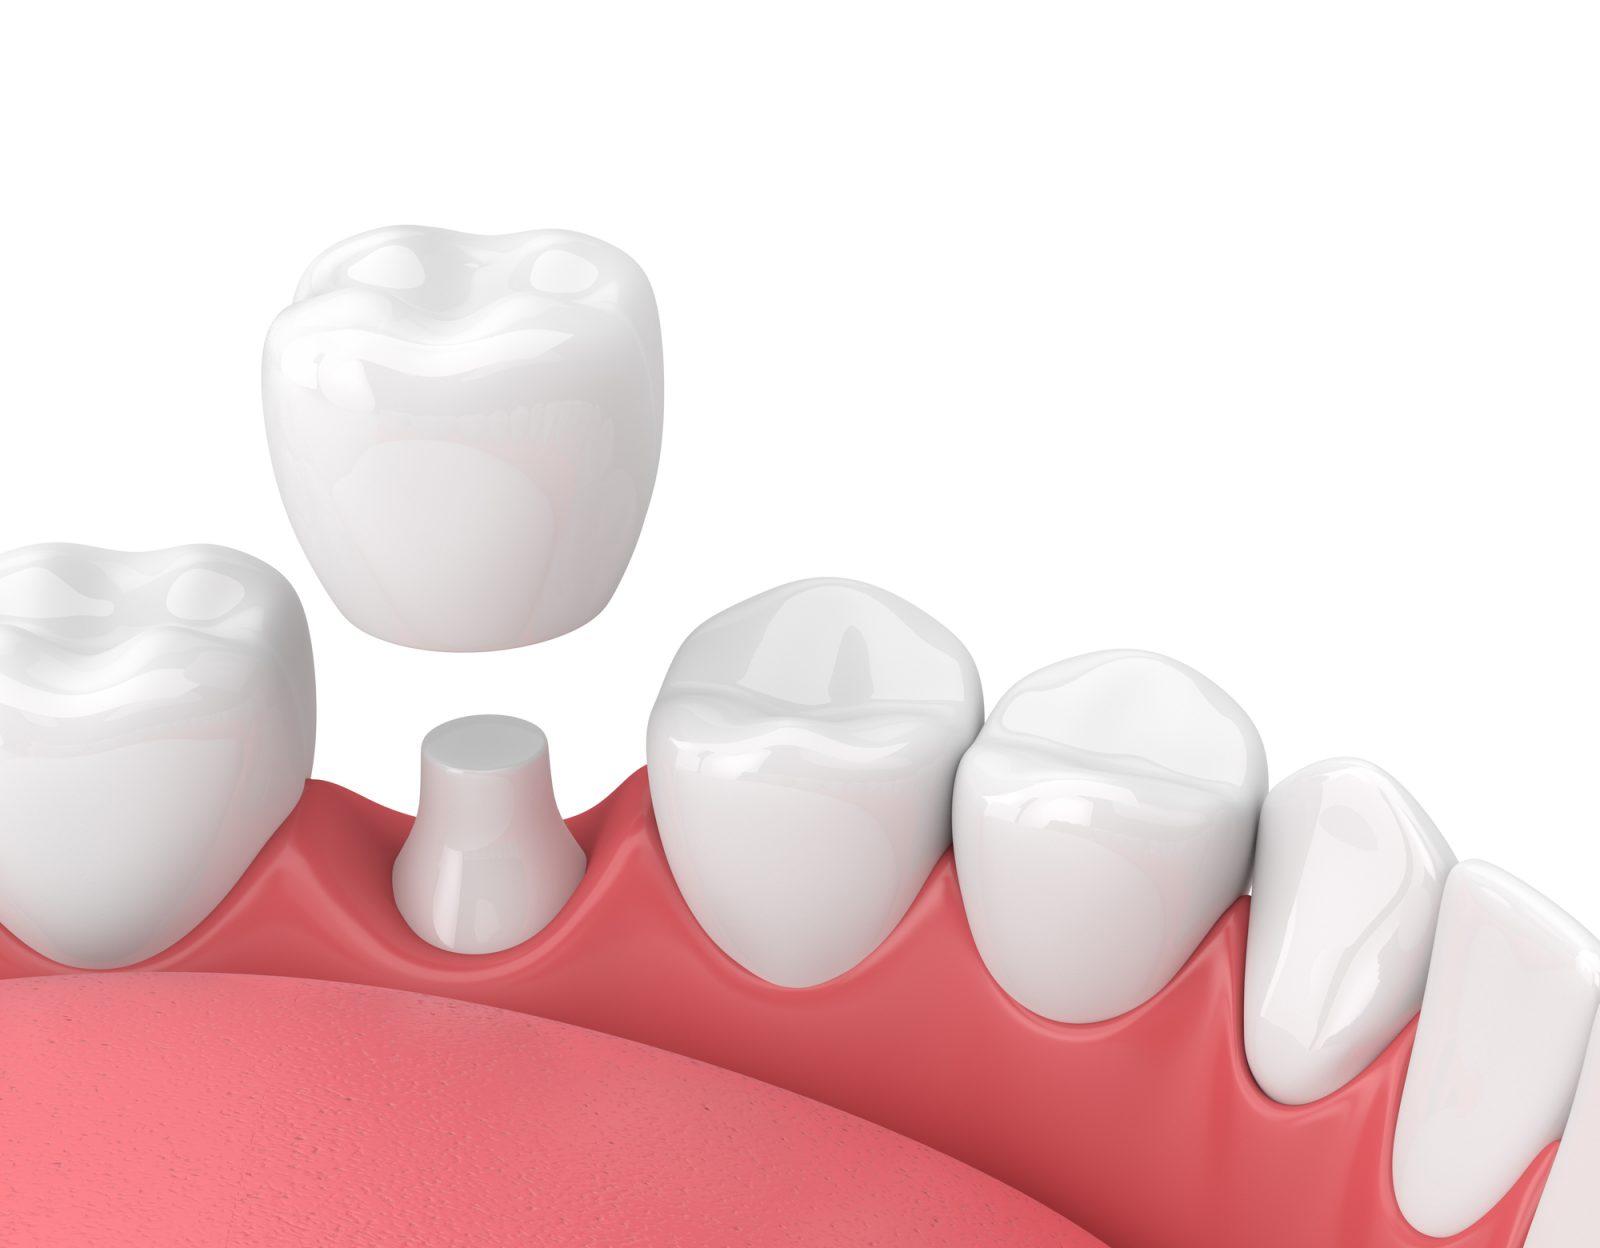 Implant dentaire : comment expliquer sa mise en place ?